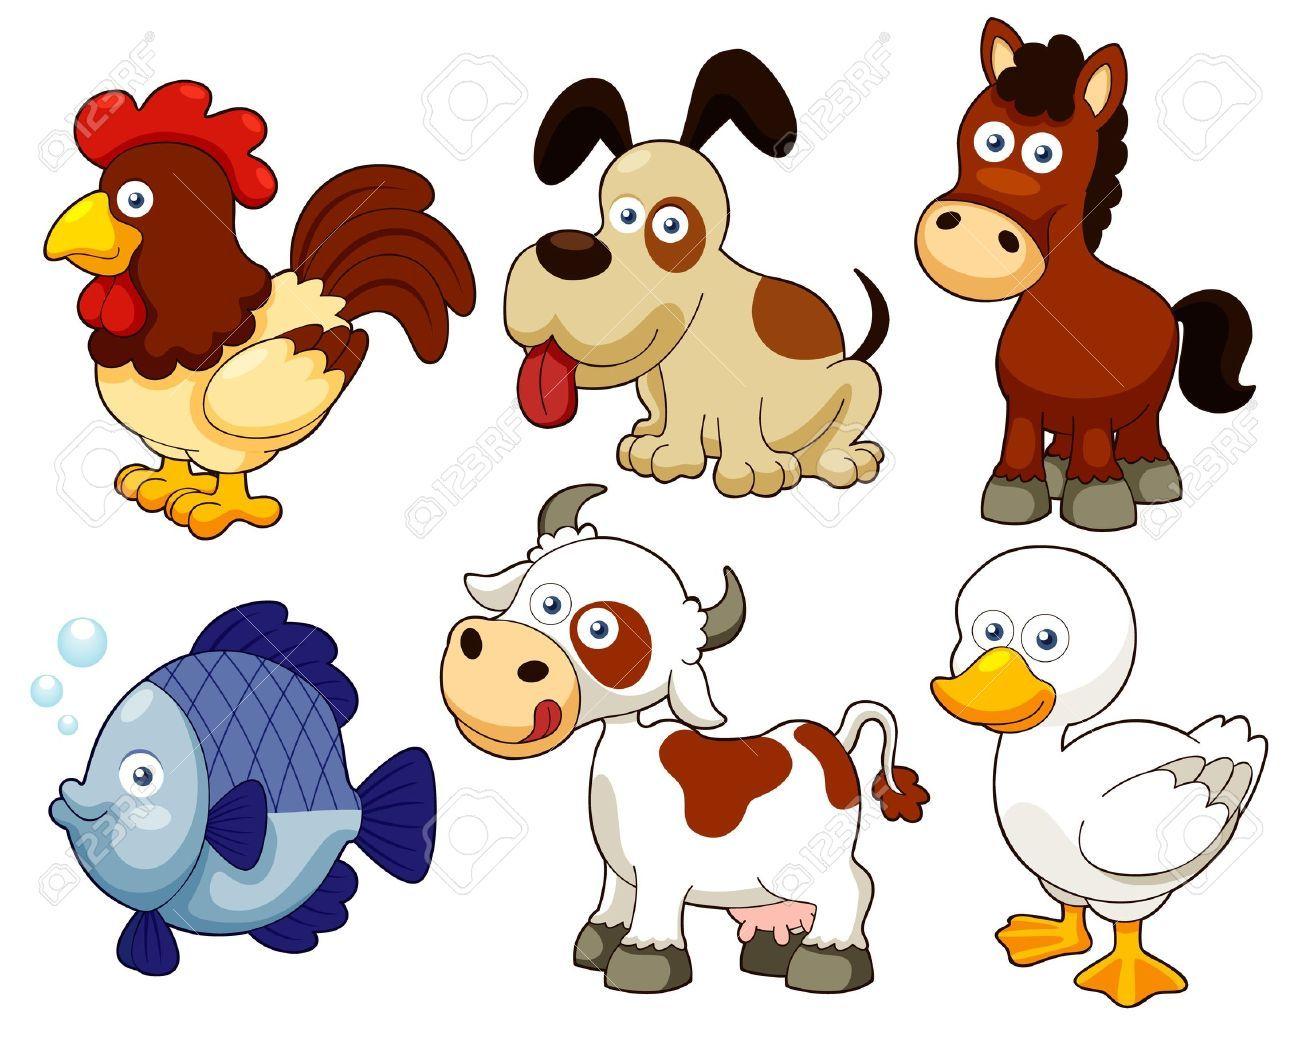 Ilustracion De Dibujos Animados De Animales De Granja Fichas De Animales Animales Domesticos Animados Animales Dibujos Animados